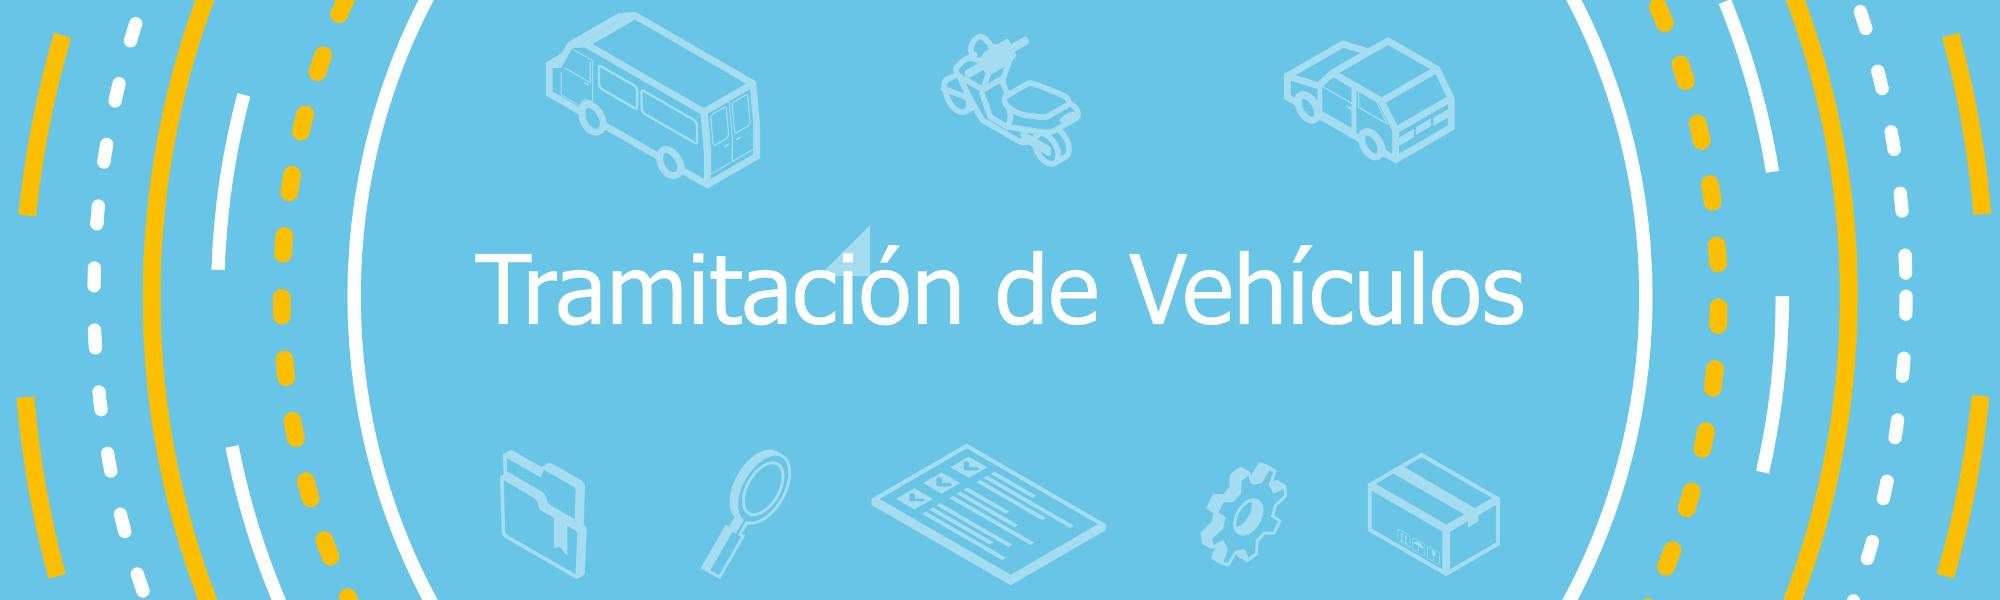 Matriculación de vehículos nuevos en Tenerife